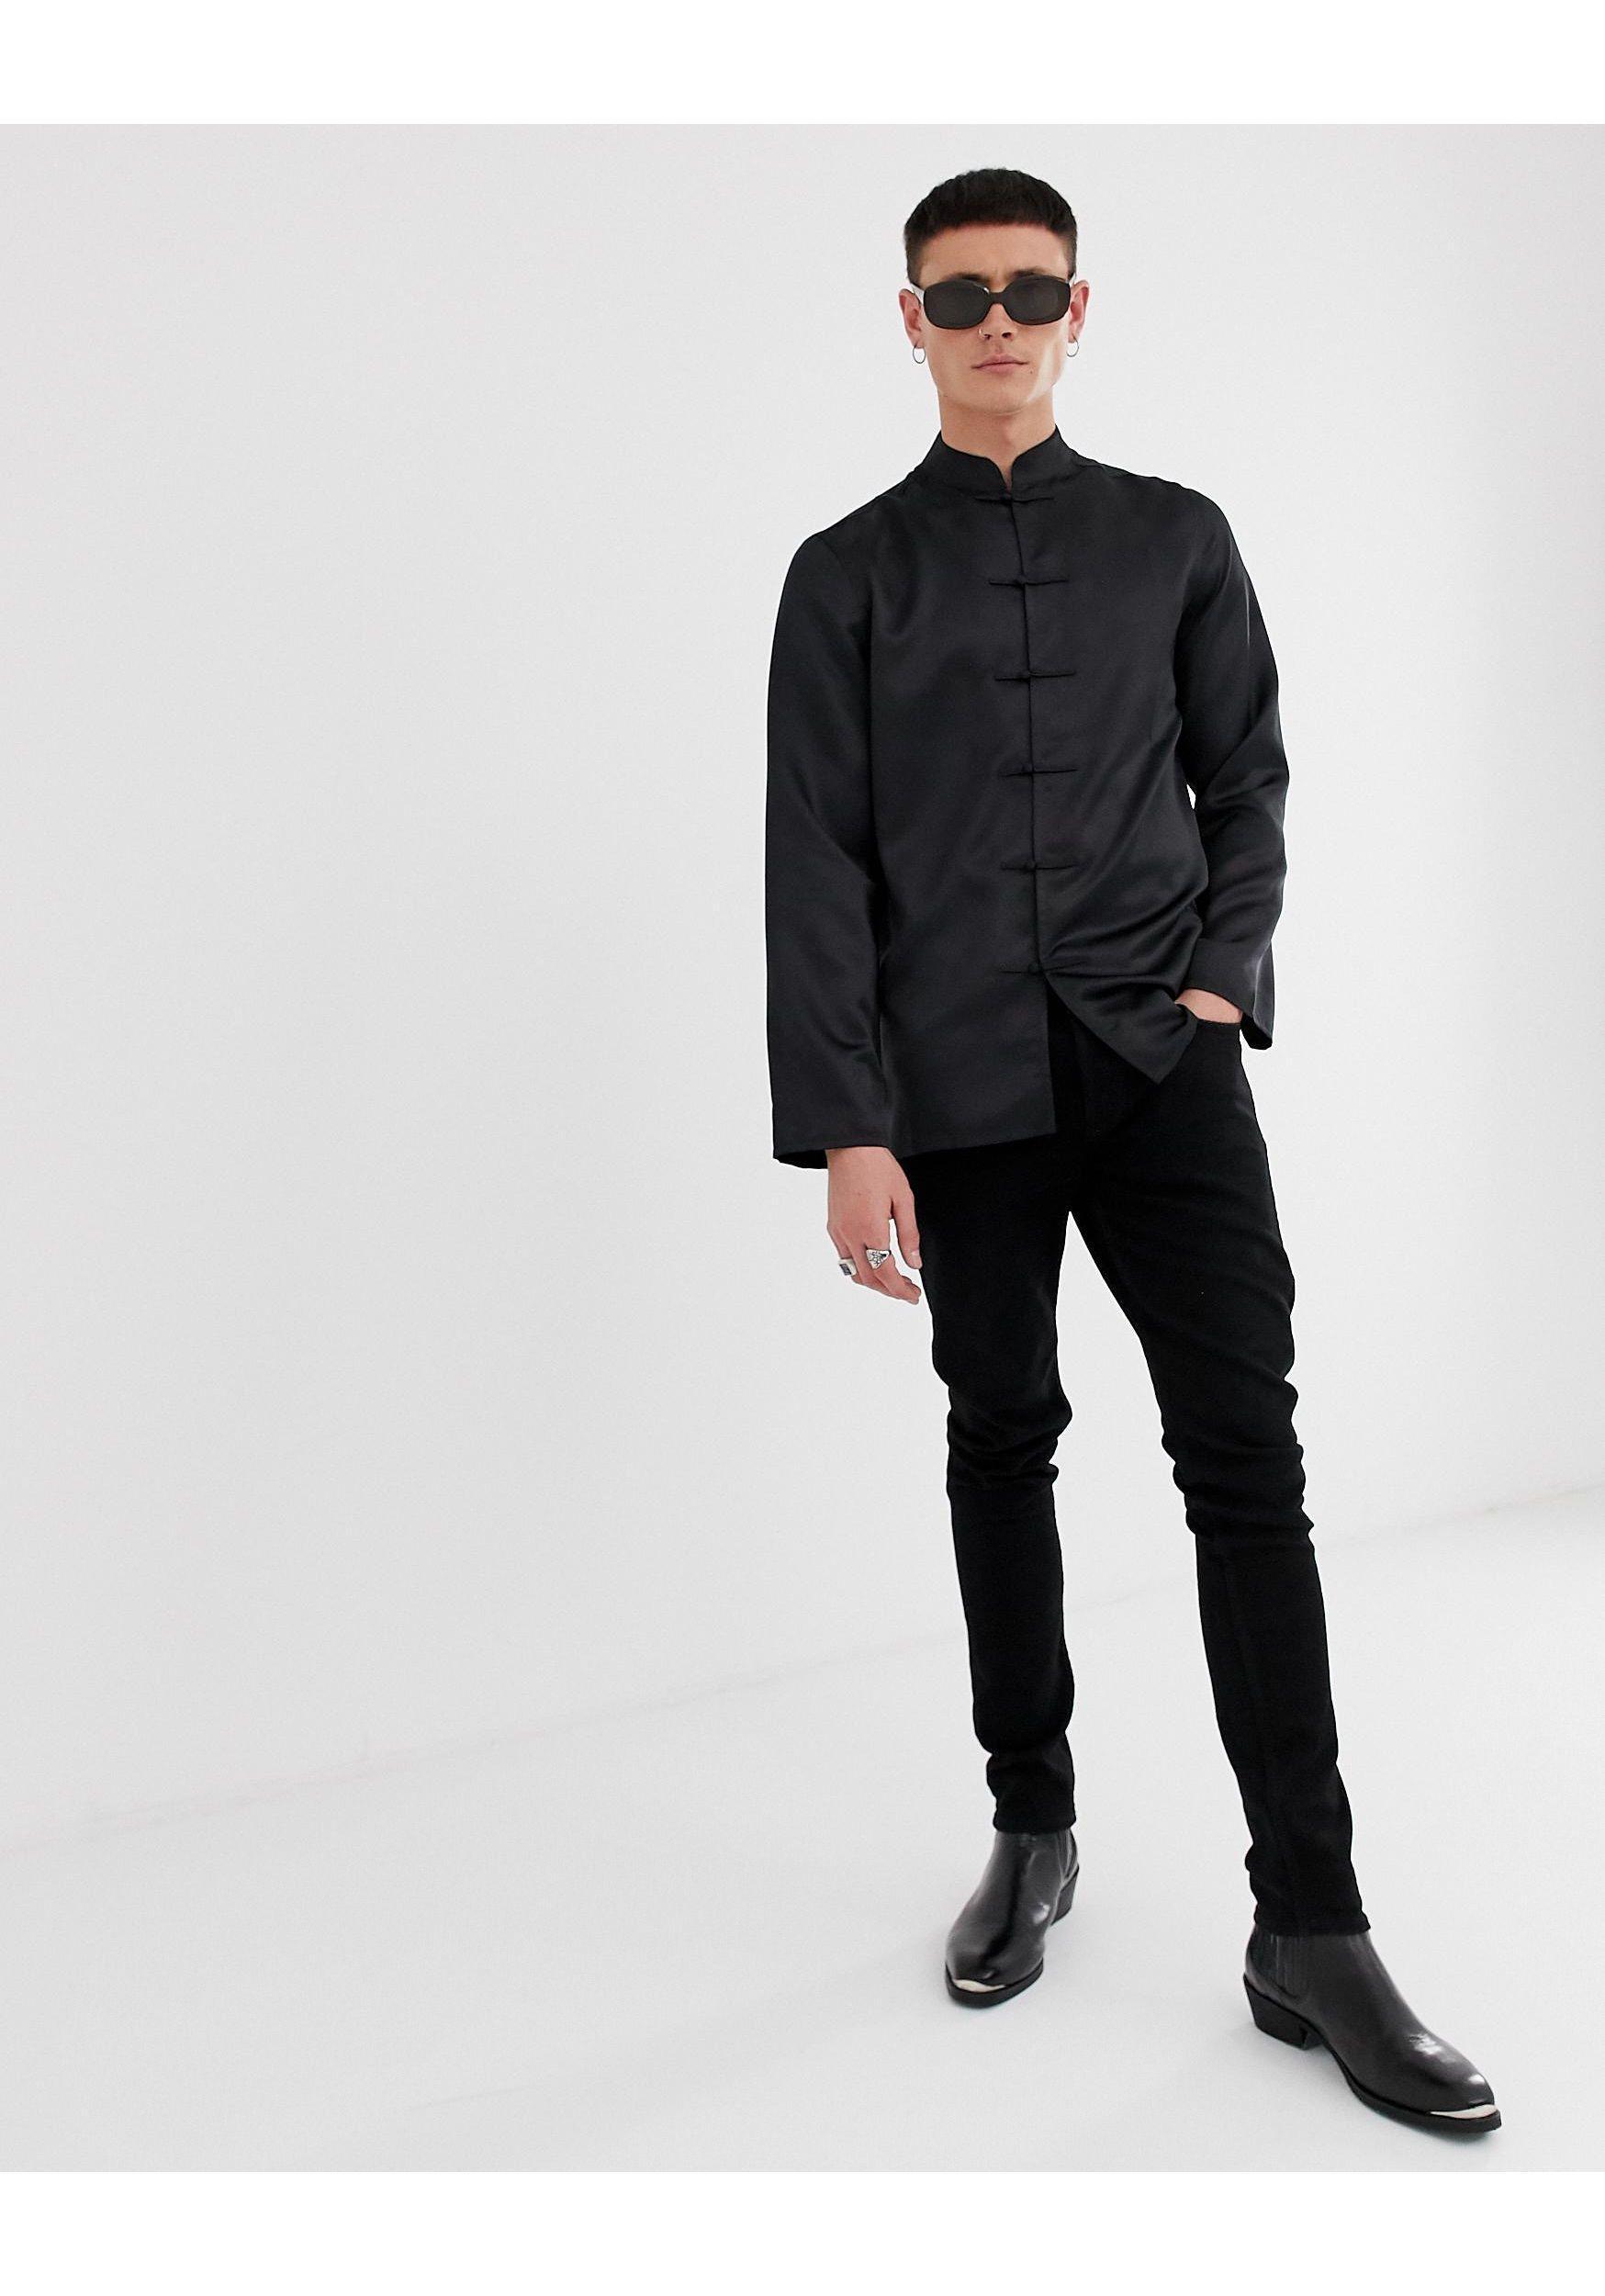 ASOS Synthetisch Regular-fit Satijnen Overhemd Met Chinese Kraag in het Zwart voor heren